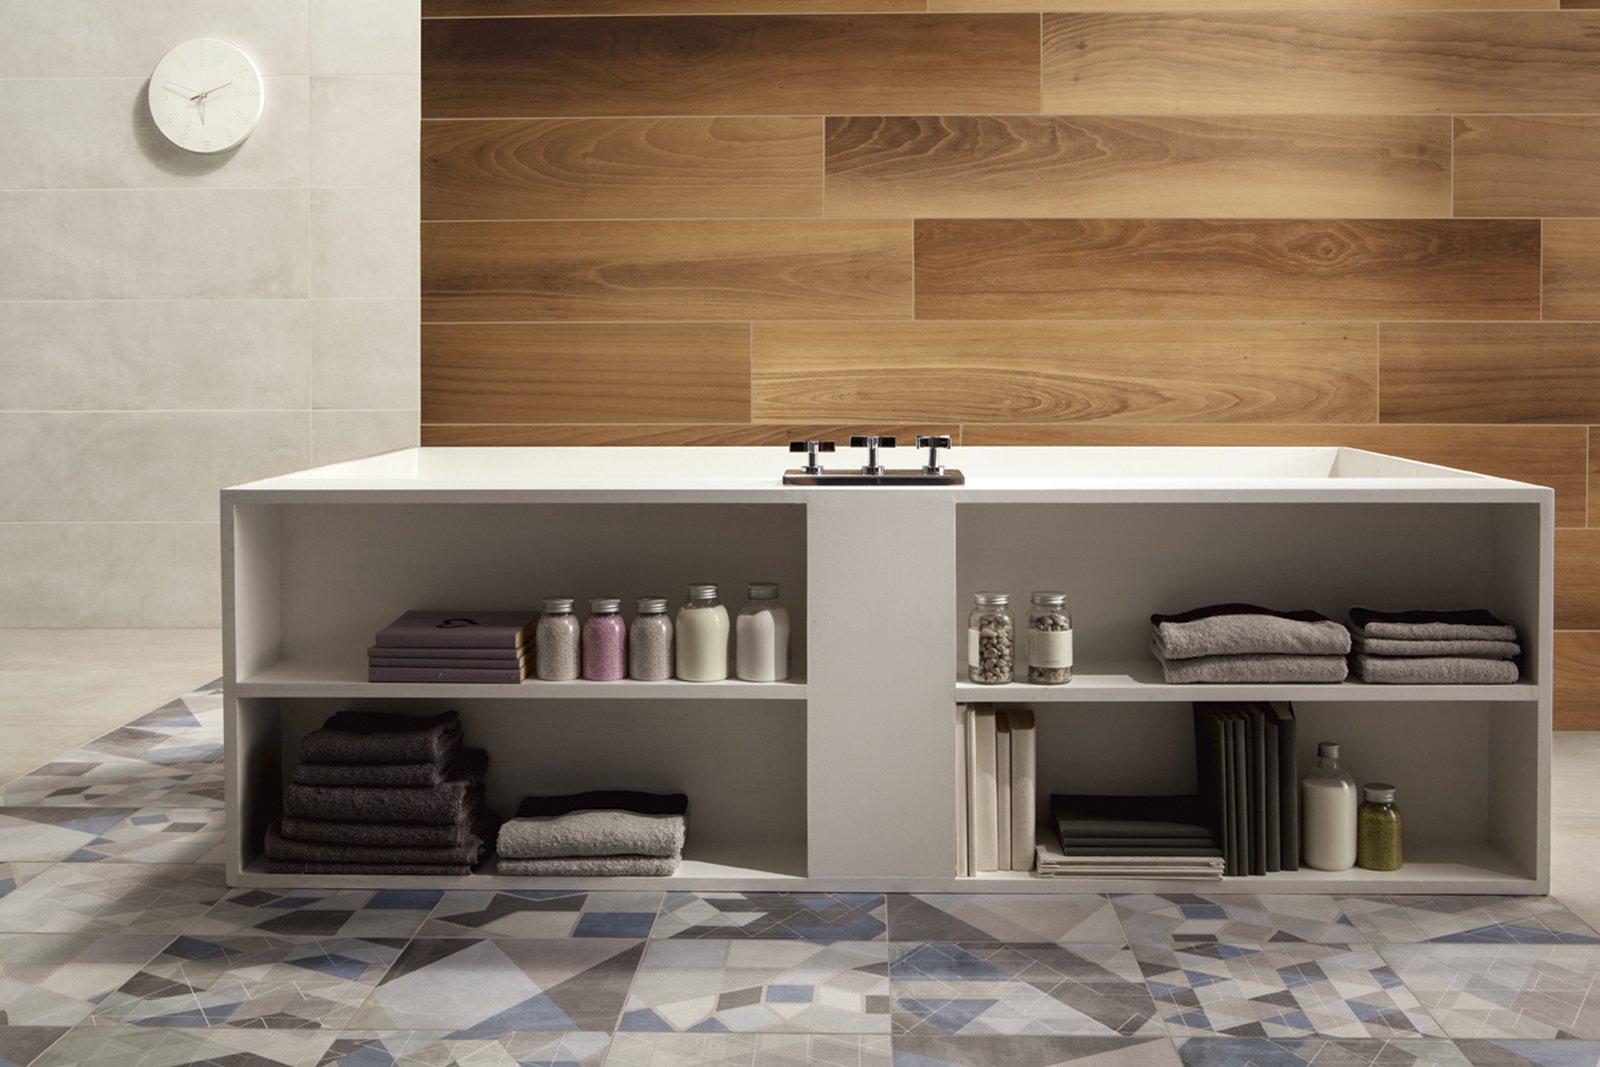 Bagno con finiture cemento o effetto cemento cose di casa - Bagno cemento spatolato ...